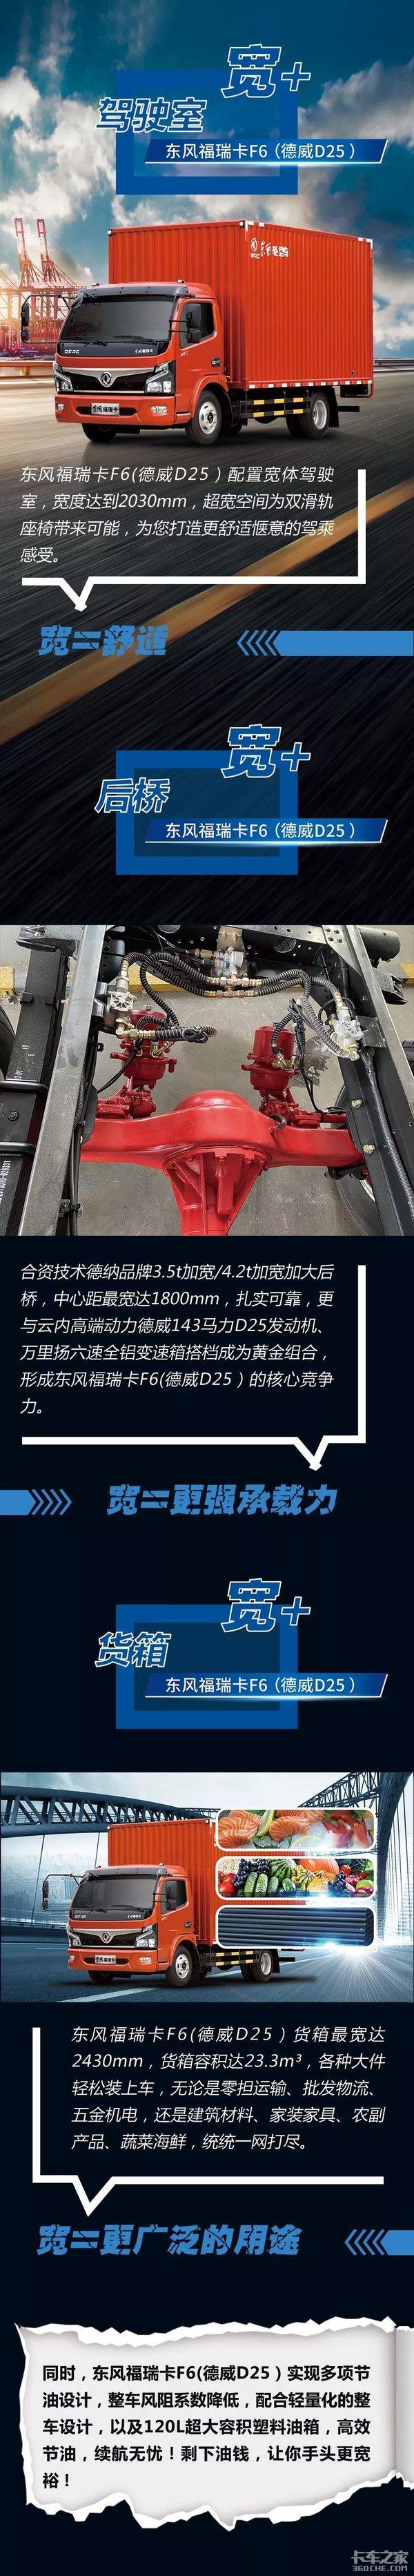 东风福瑞卡F6(德威D25)宽的不只驾驶室